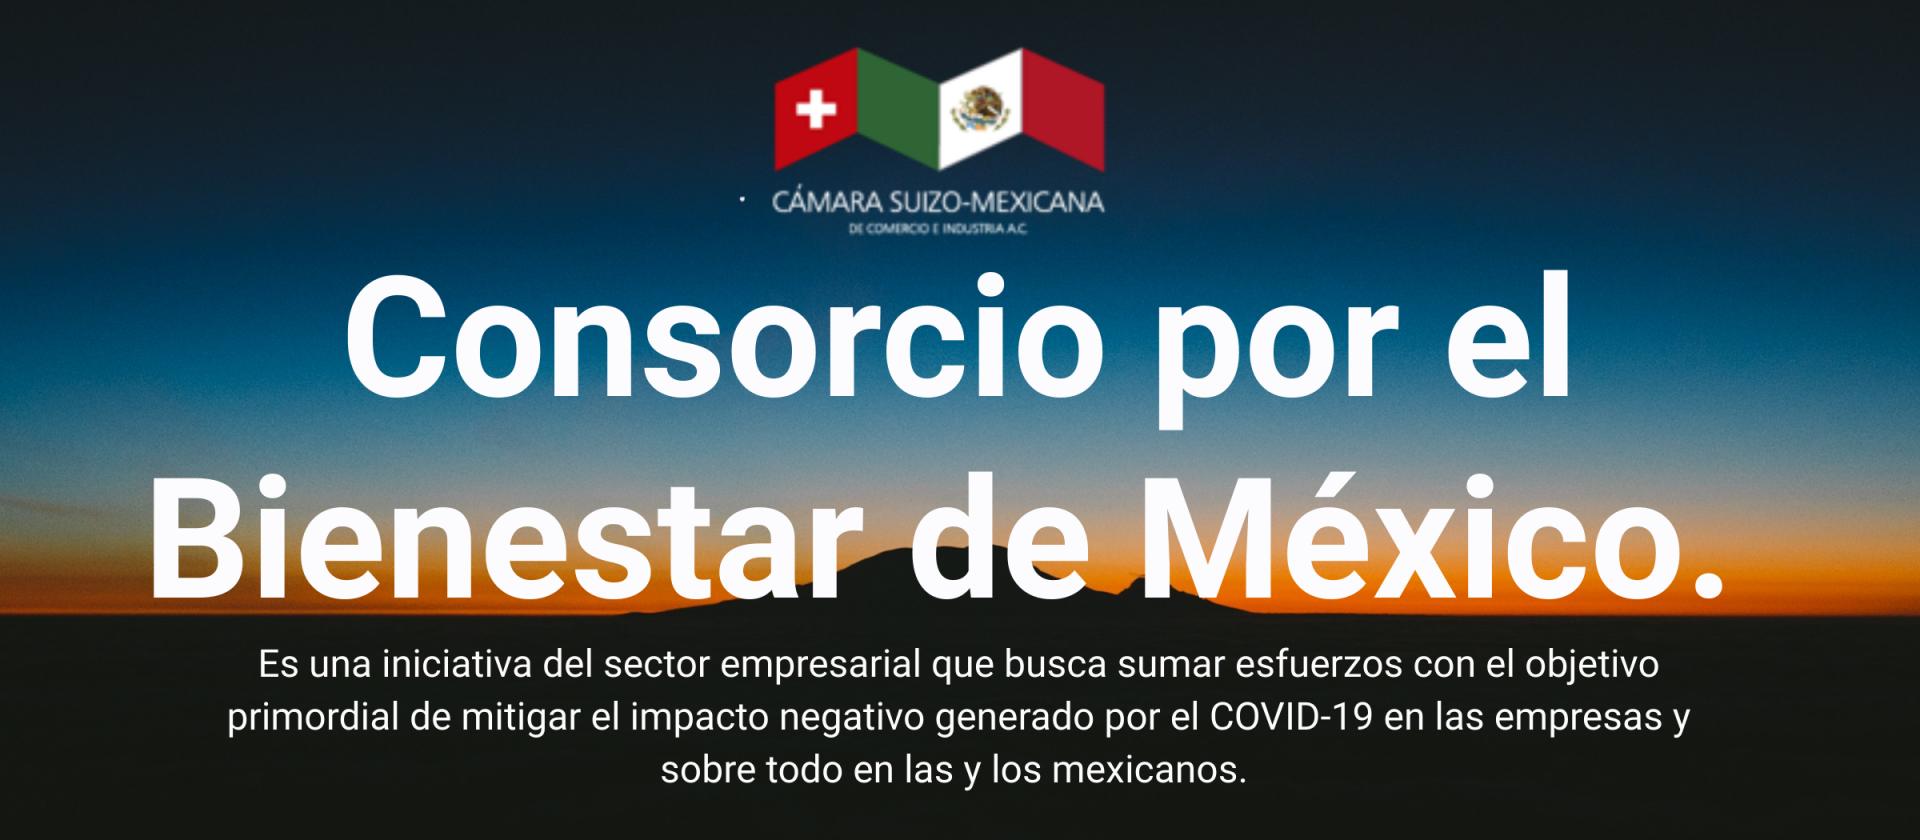 Consorcio por el Bienestar México